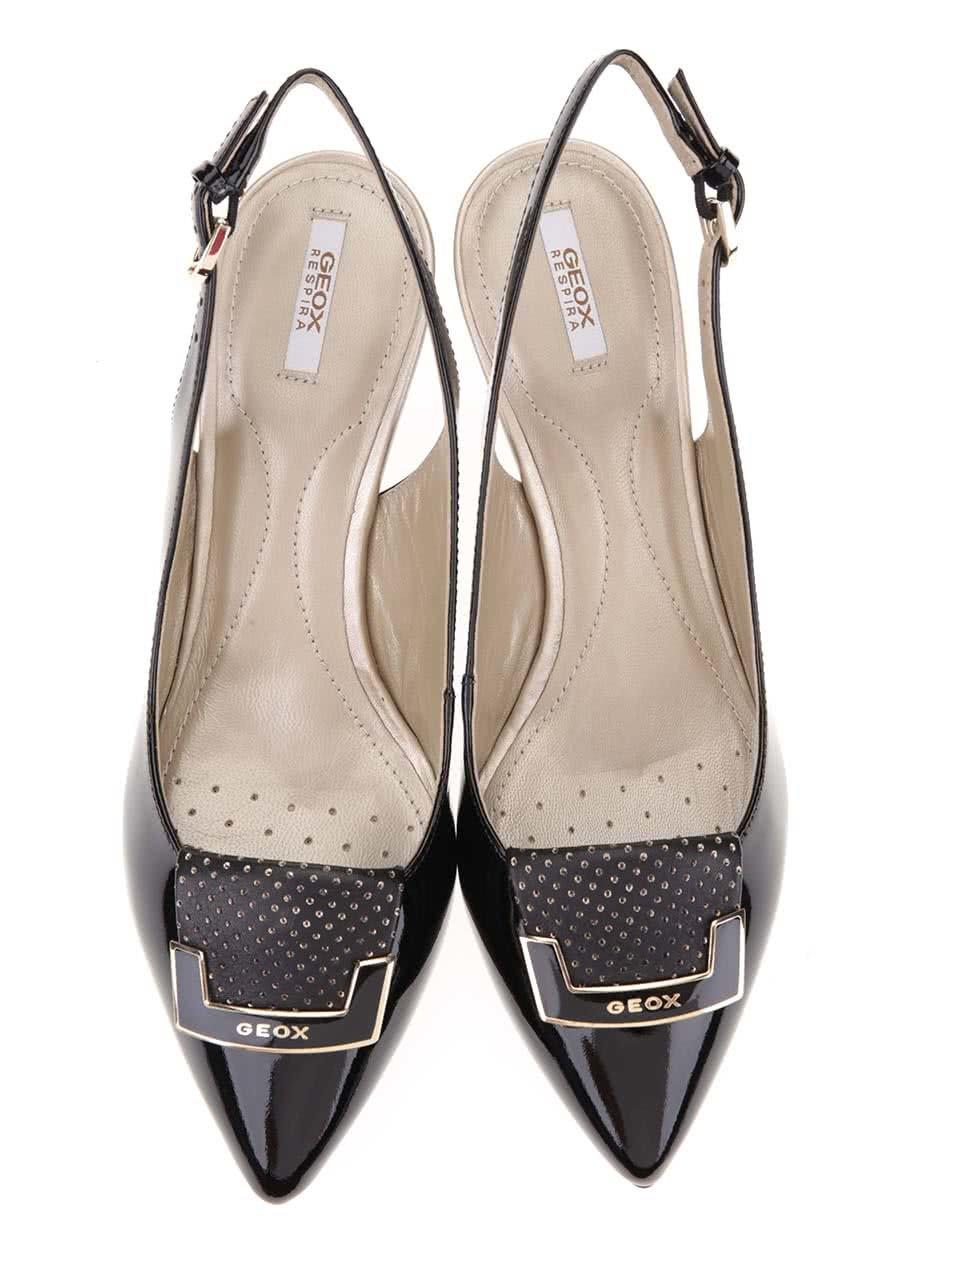 aaf2d0f5d04f Čierne kožené sandáliky na podpätku Geox Elina ...